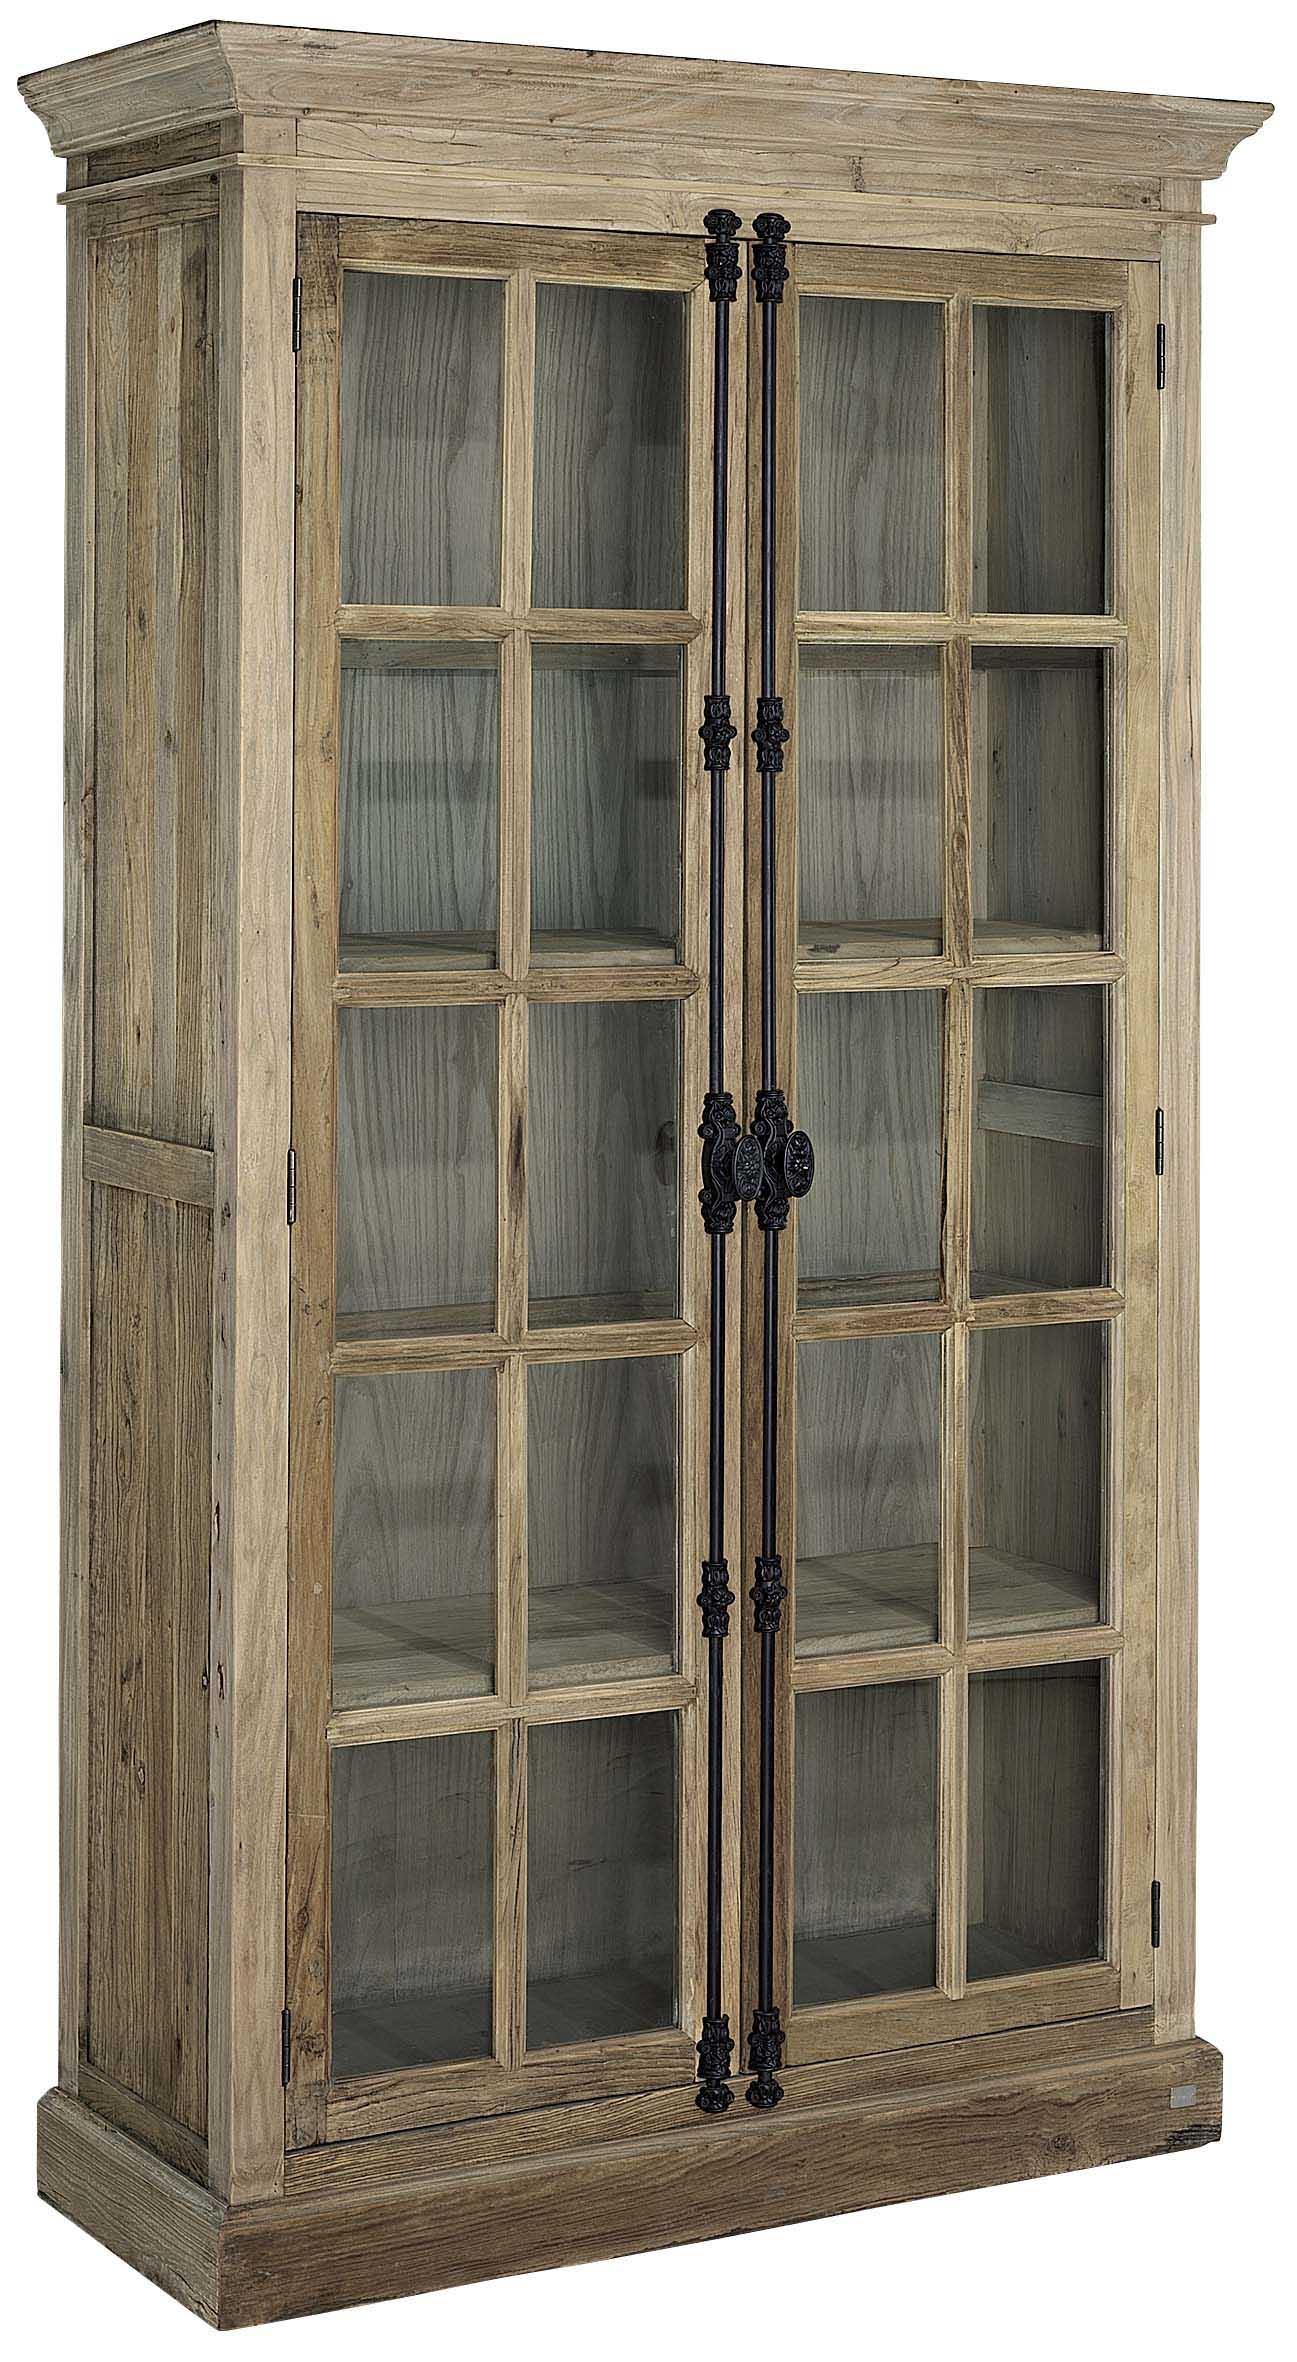 elmwood french cabinet (4 shelves) - annorlunda möbler